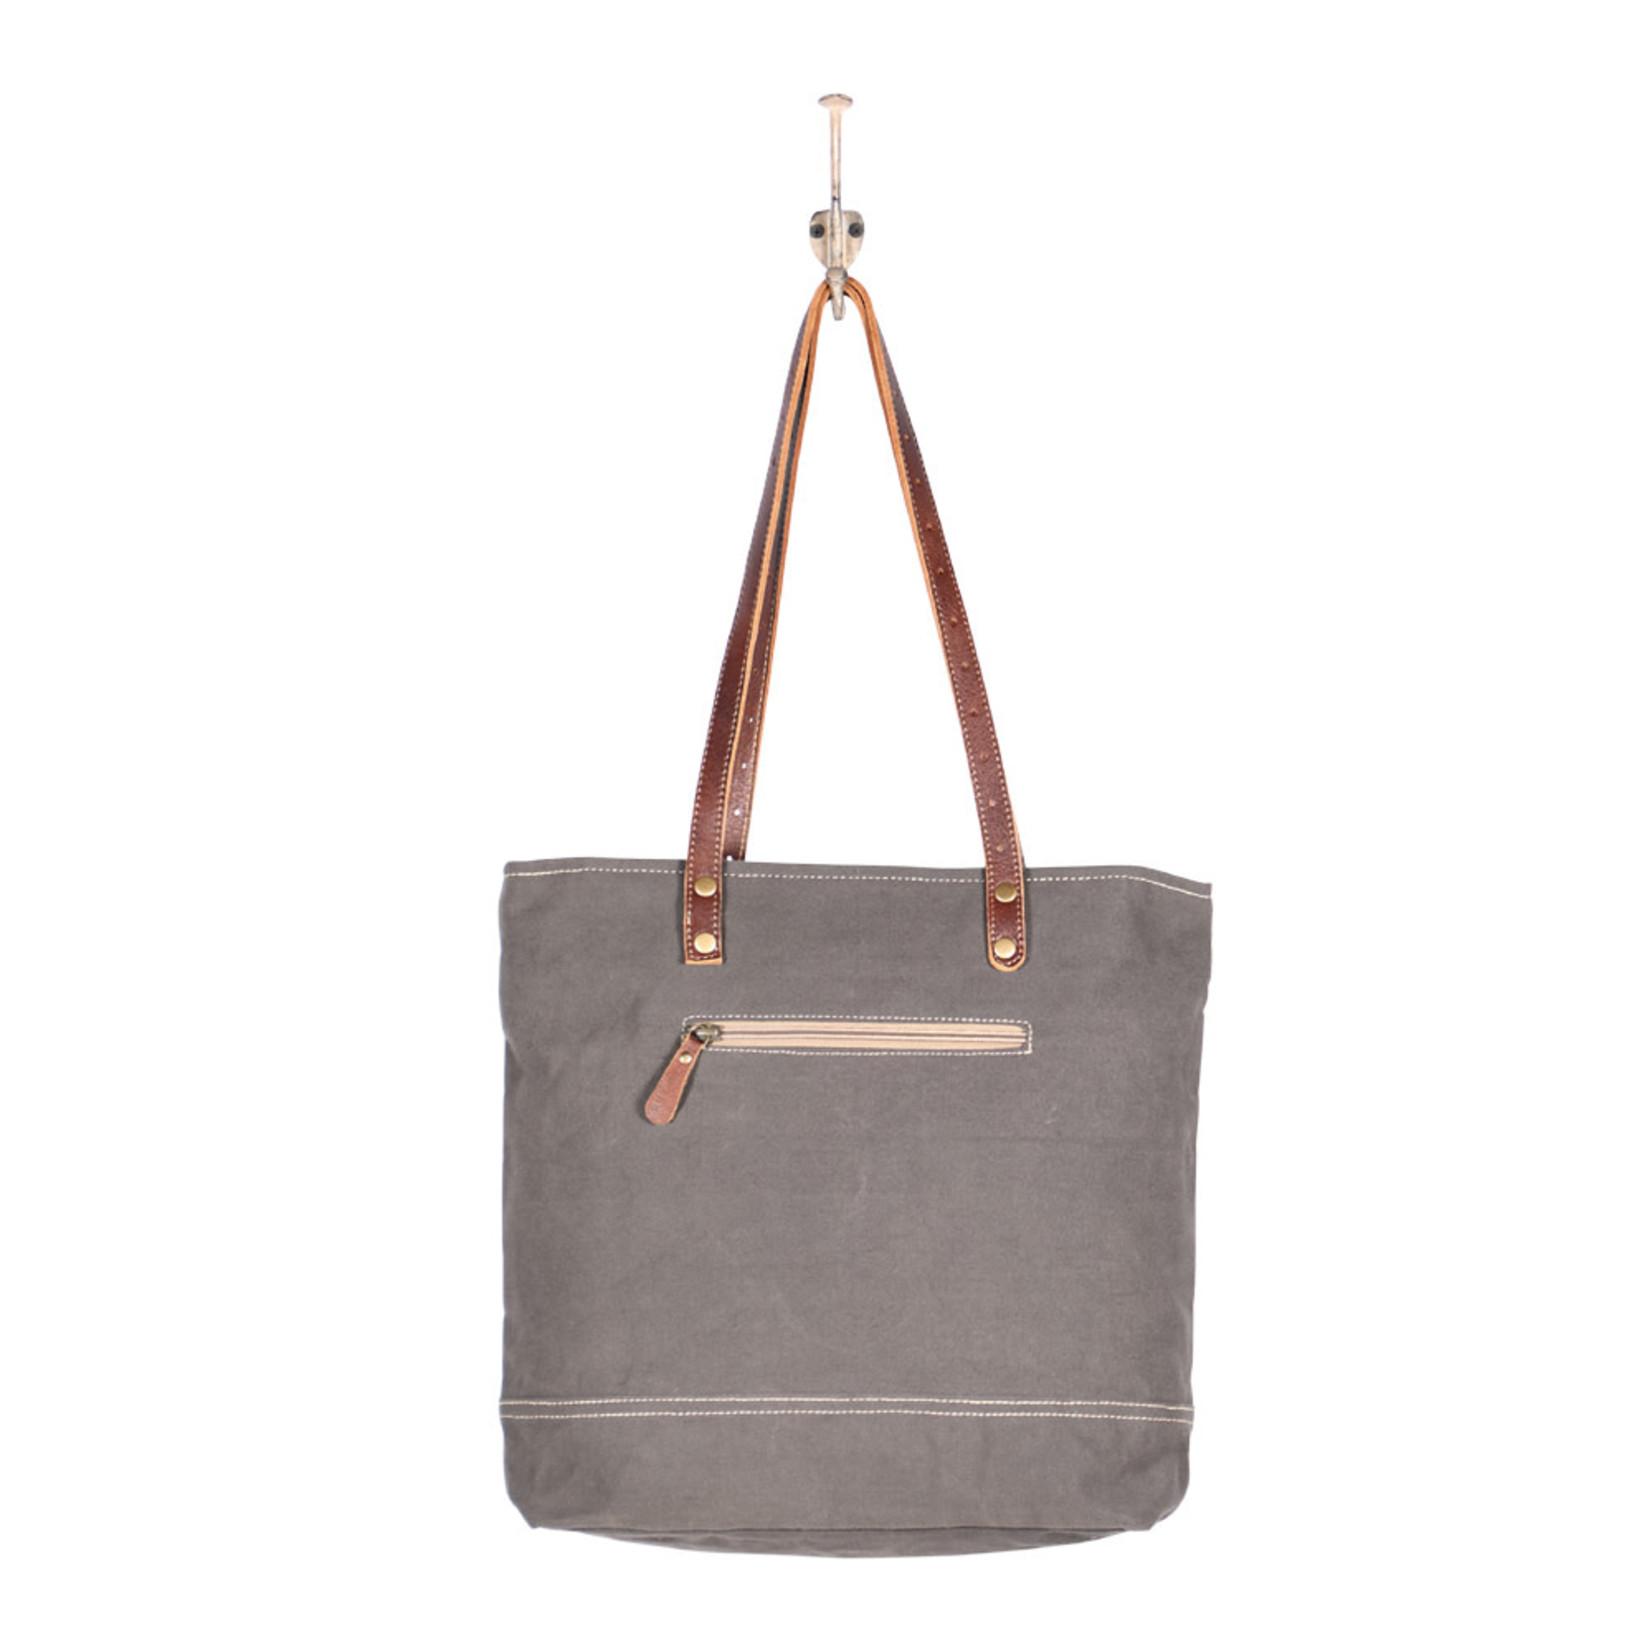 Myra Bags S-1885 Solemn Tote Bag